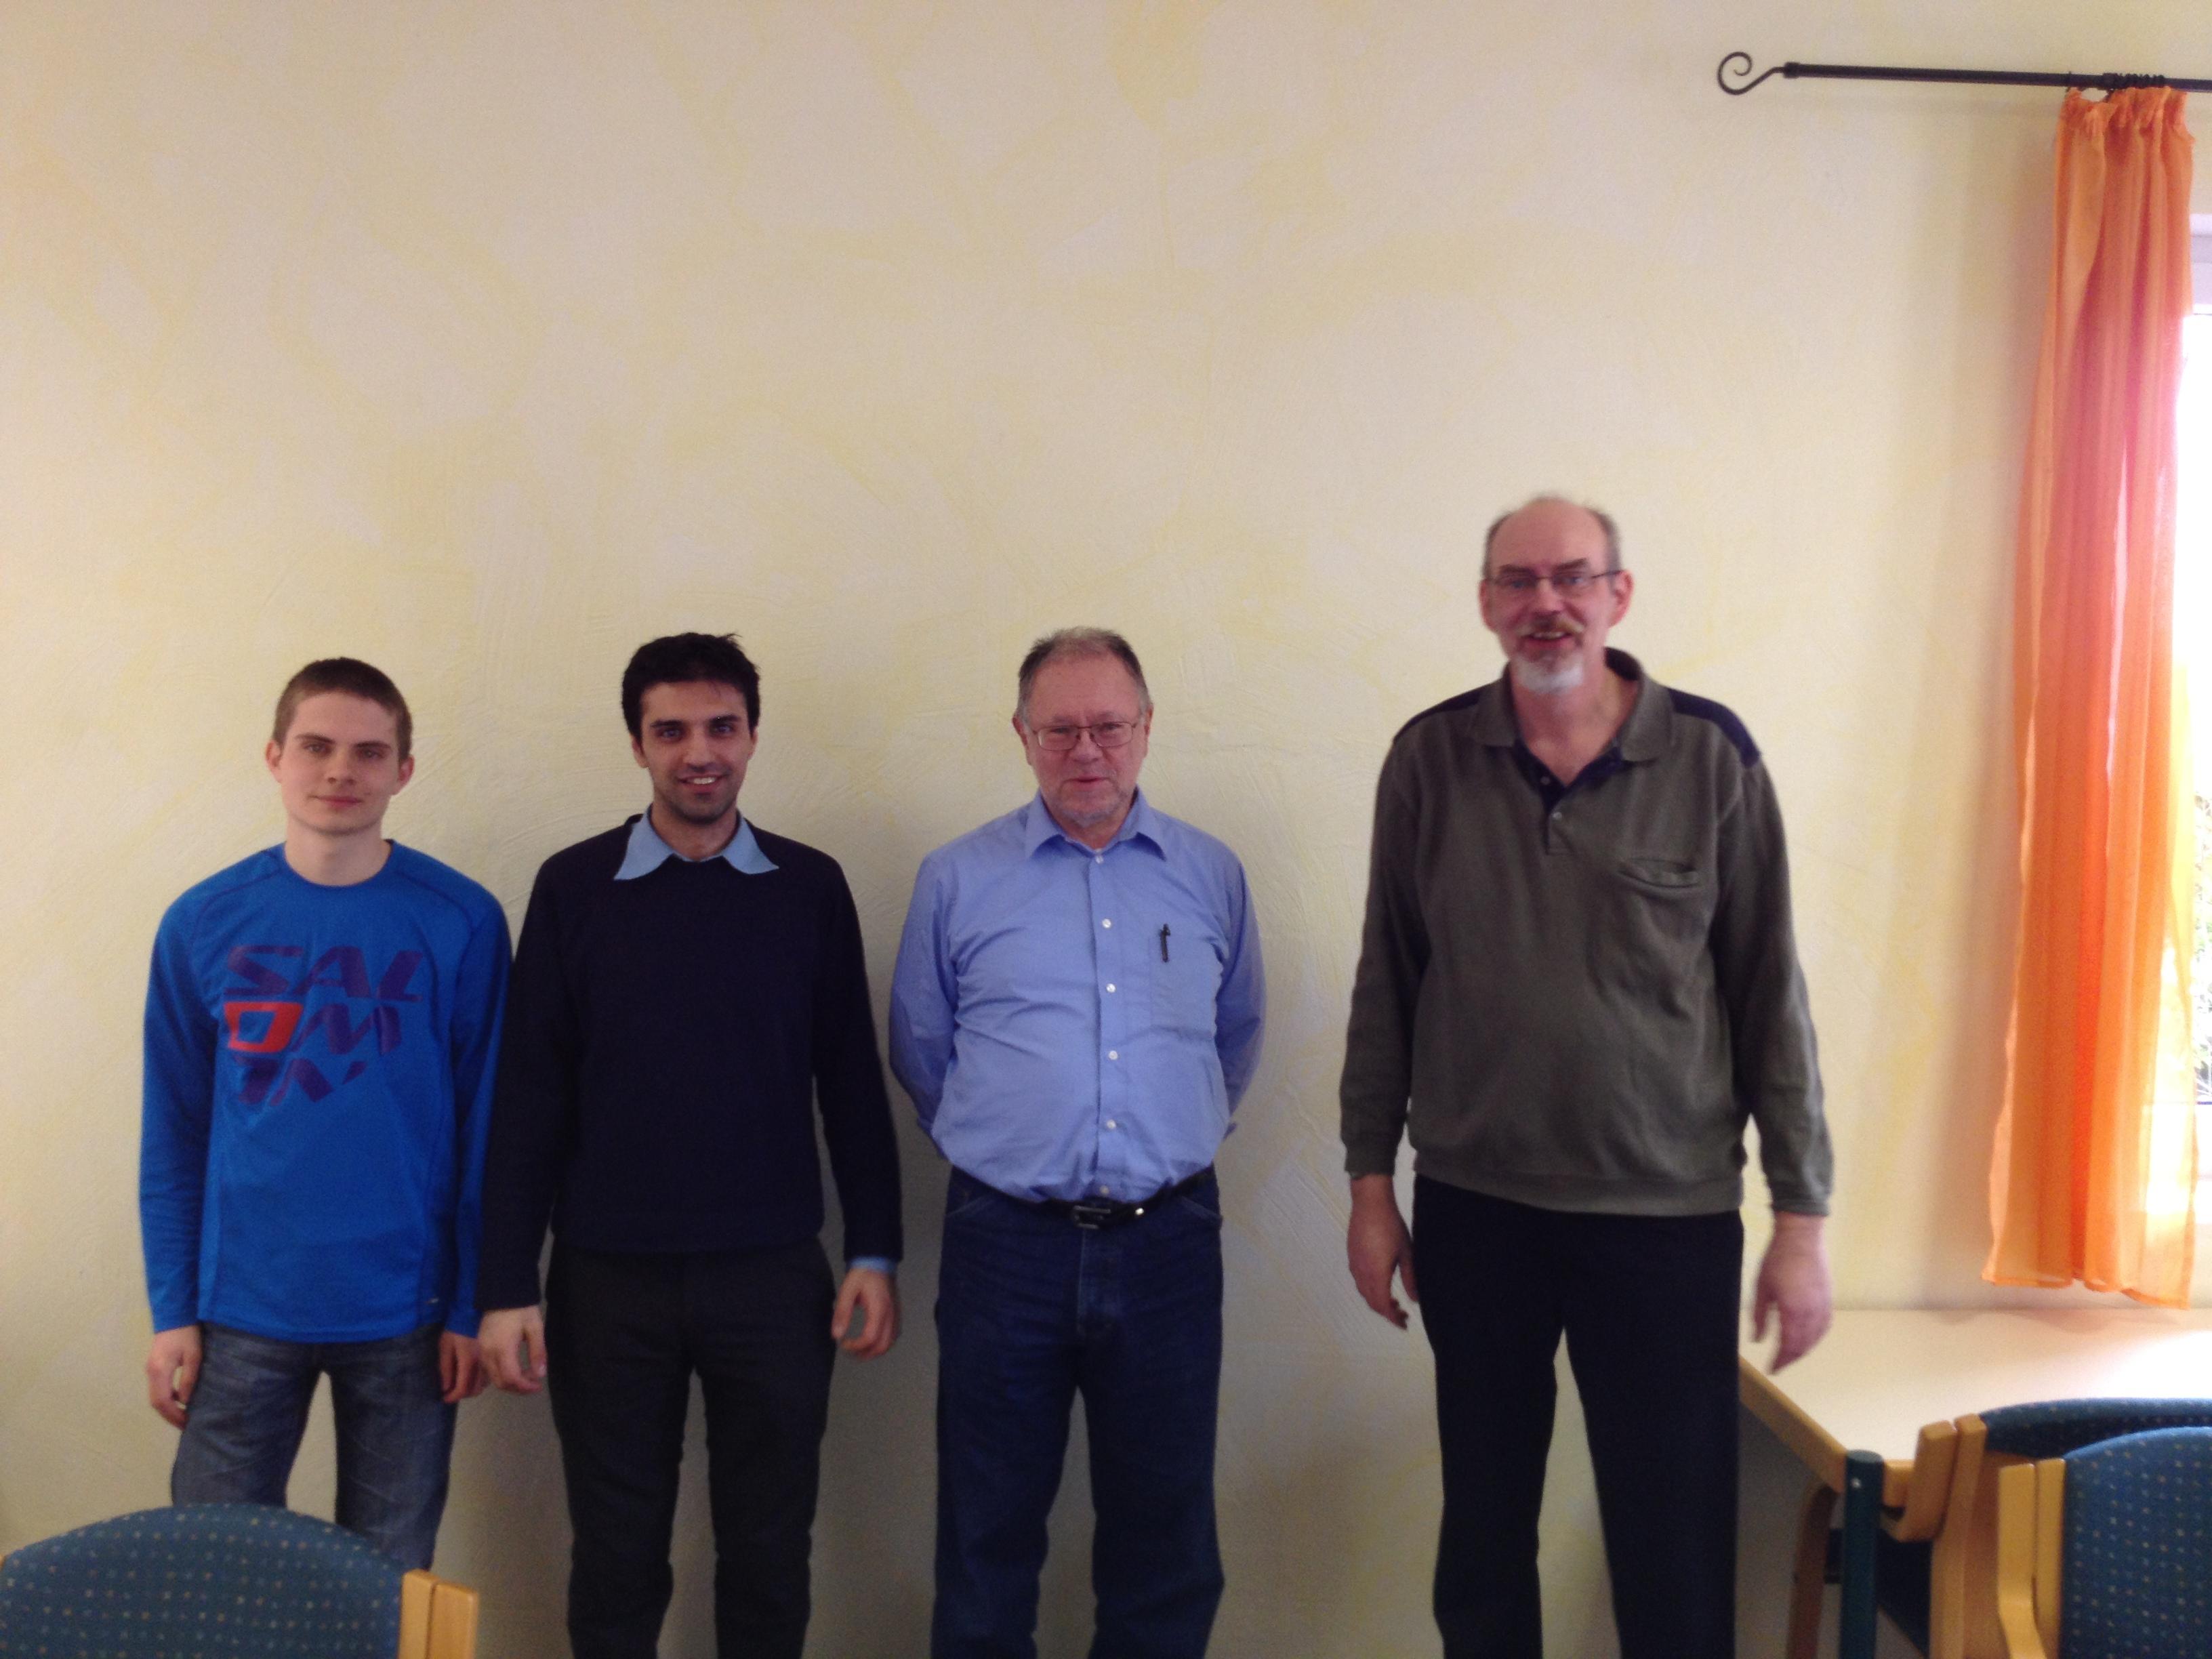 die Erstplatzierten v.l.n.R. Hannes Münch (Wetzlar, 2.),  Mehran Khoshneviszadeh (Marburg, 3.) Gerhard Orwatsch (Butzbach 1.) Olaf Schmidt (Vorsitzender Bezirk III Lahn/Eder)